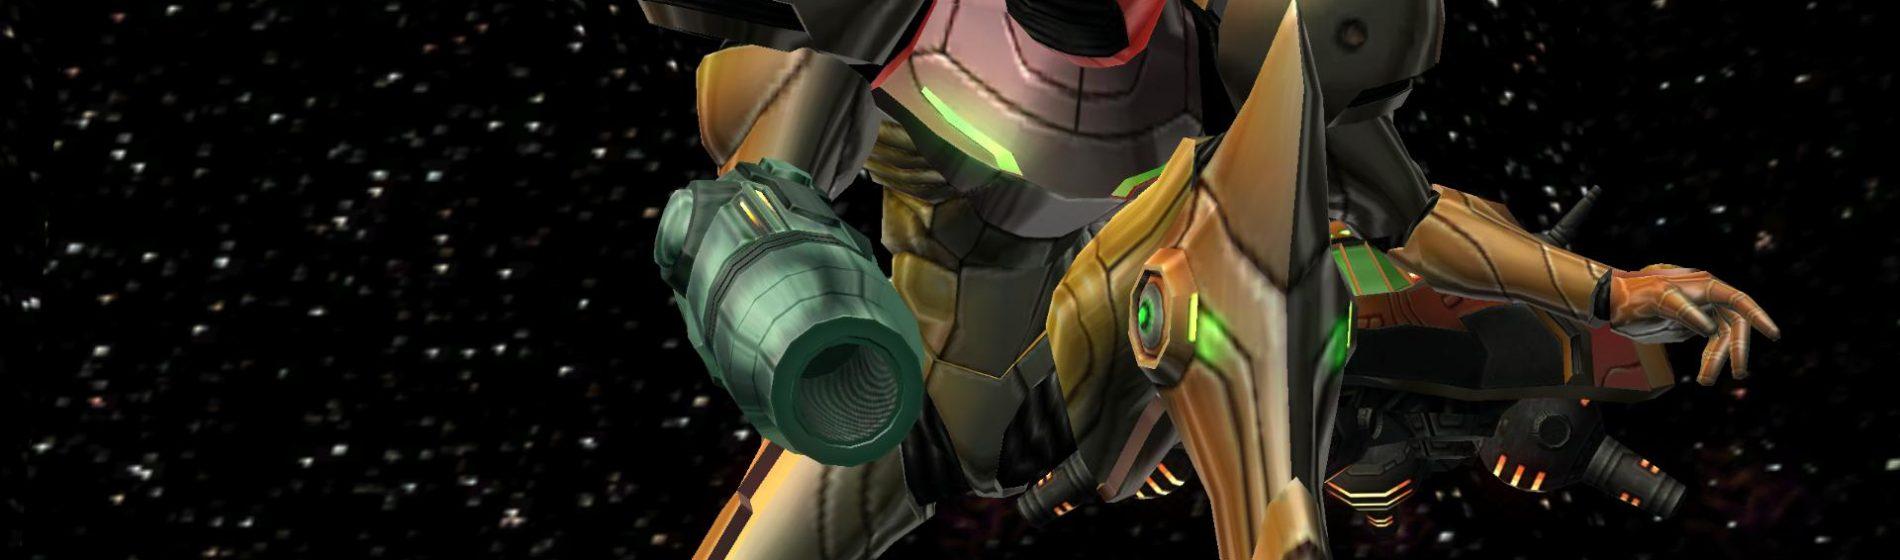 Samus Aran - Metroid Prime